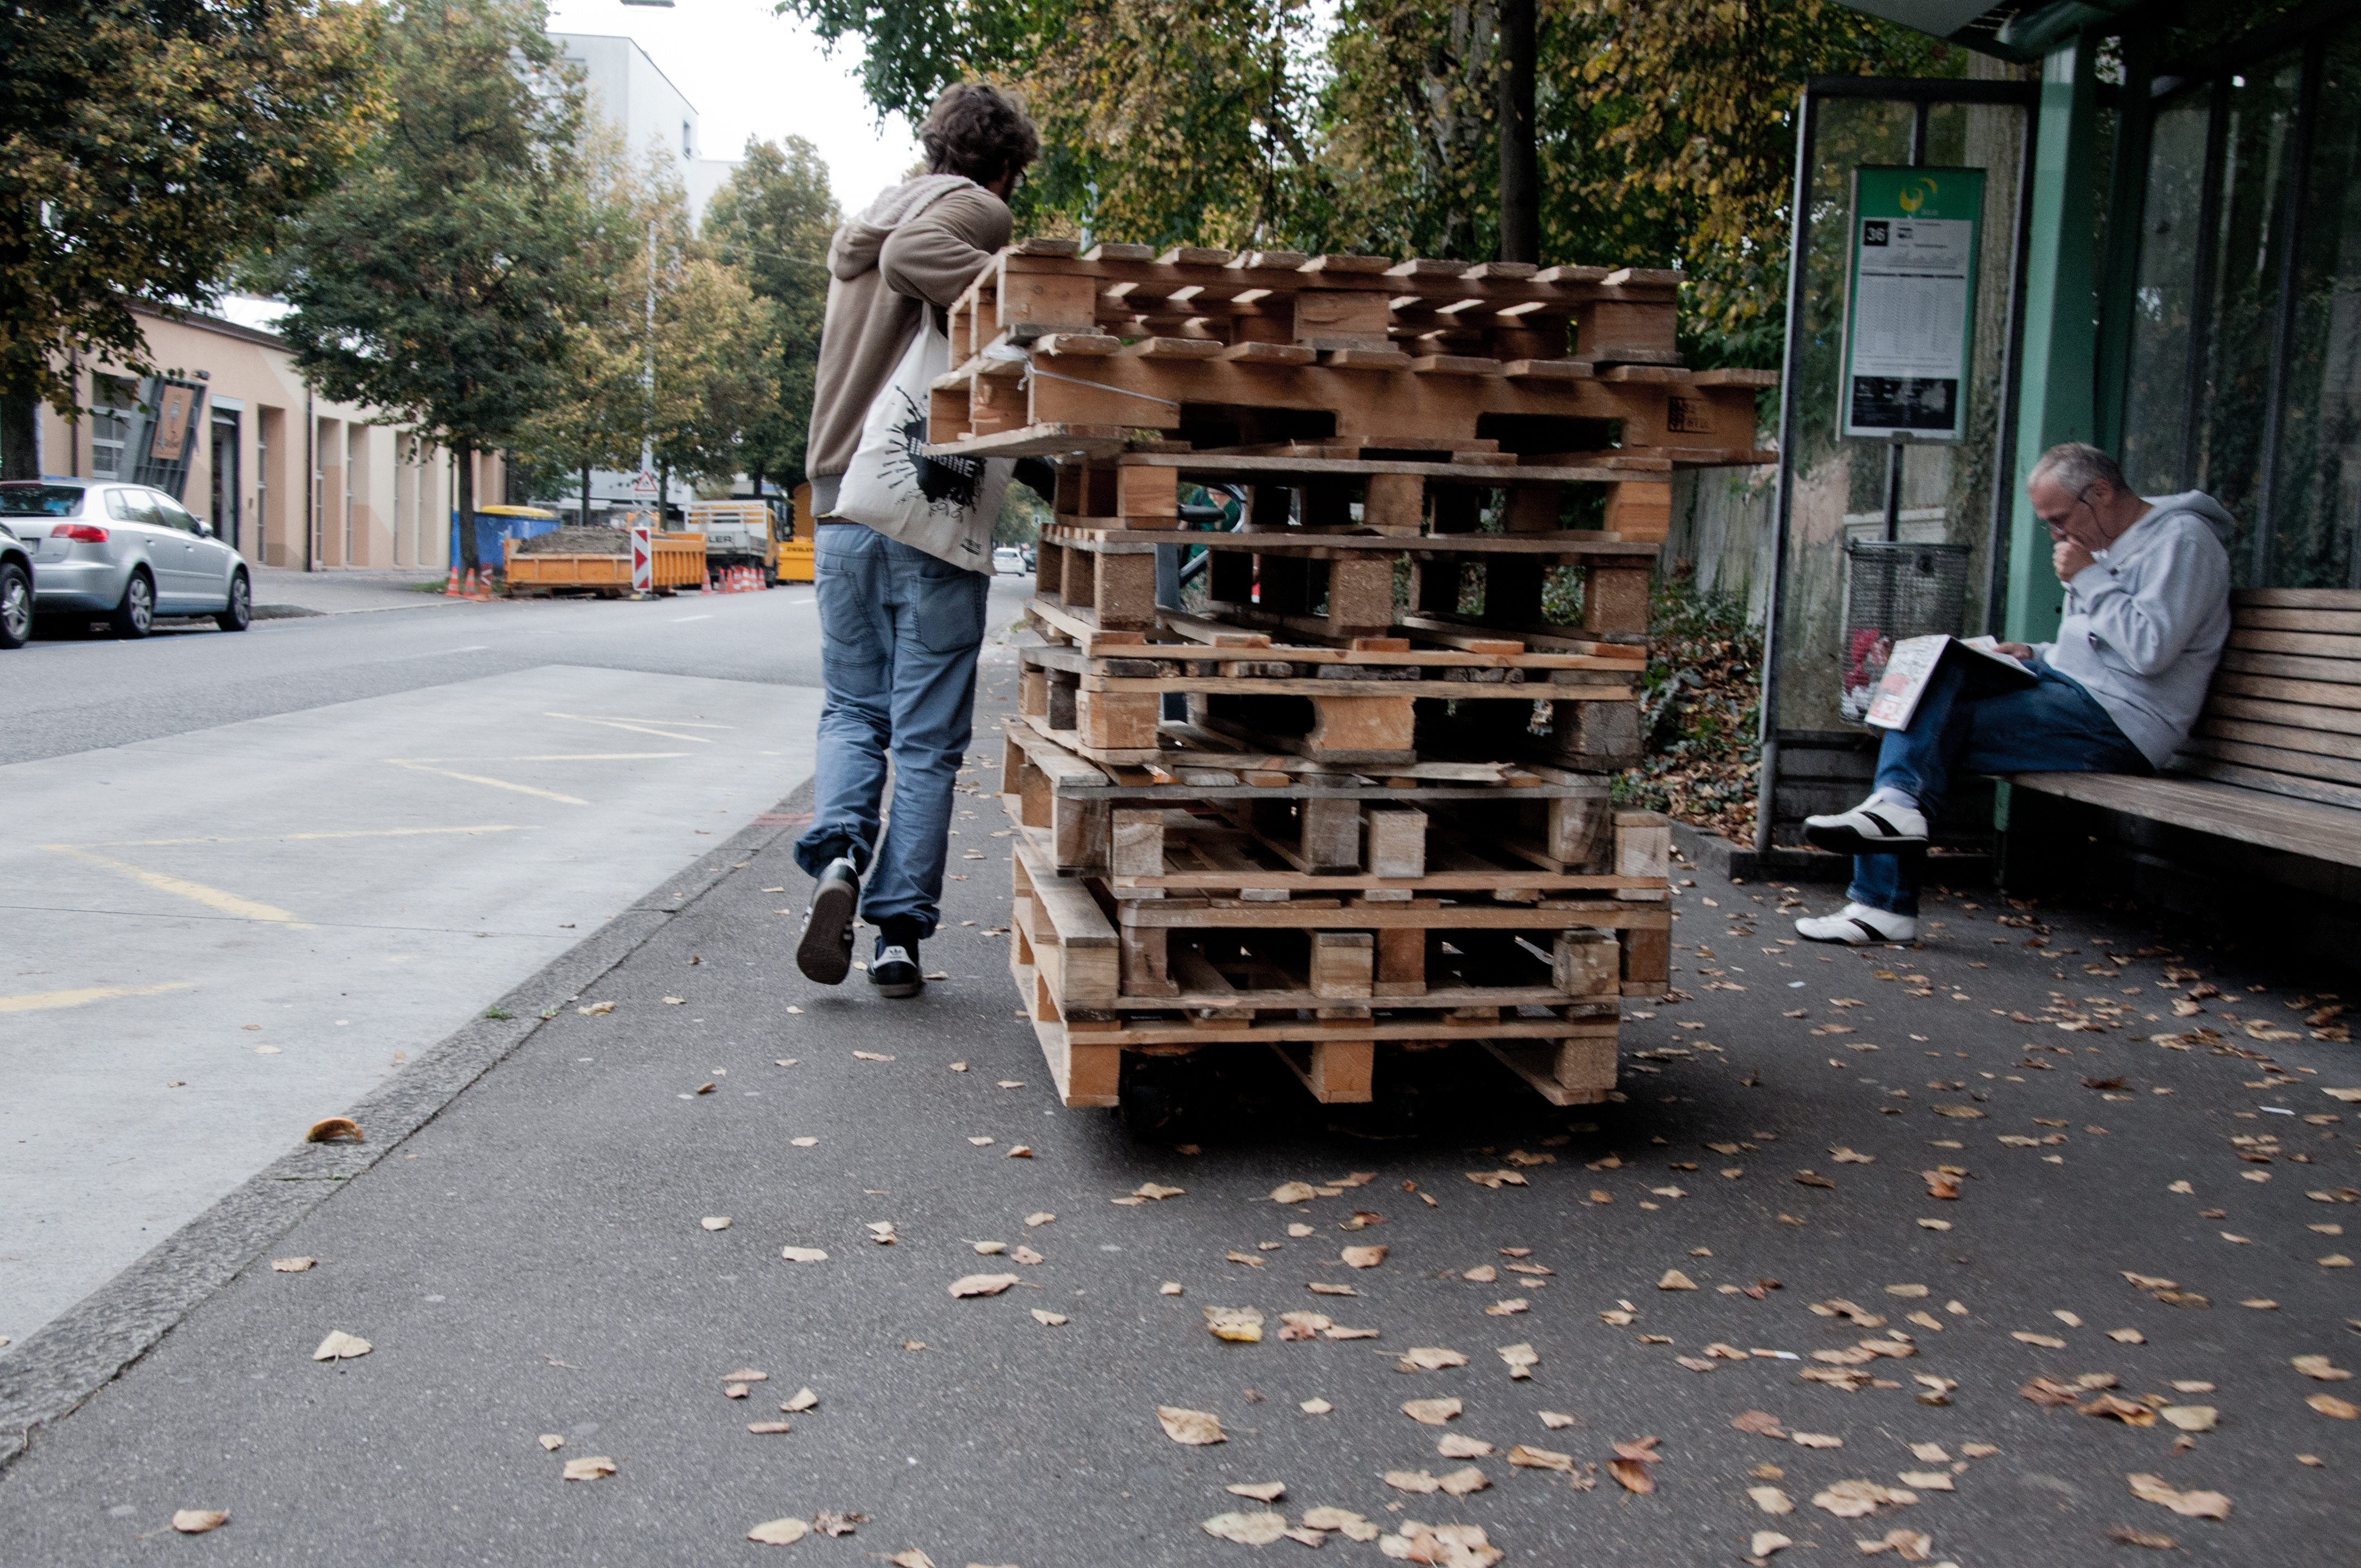 Daran haben sich die Quartierbewohner mittlerweile gewöhnt: Die Werkhof-Initianten bringen laufend neues Material für die Projekte.